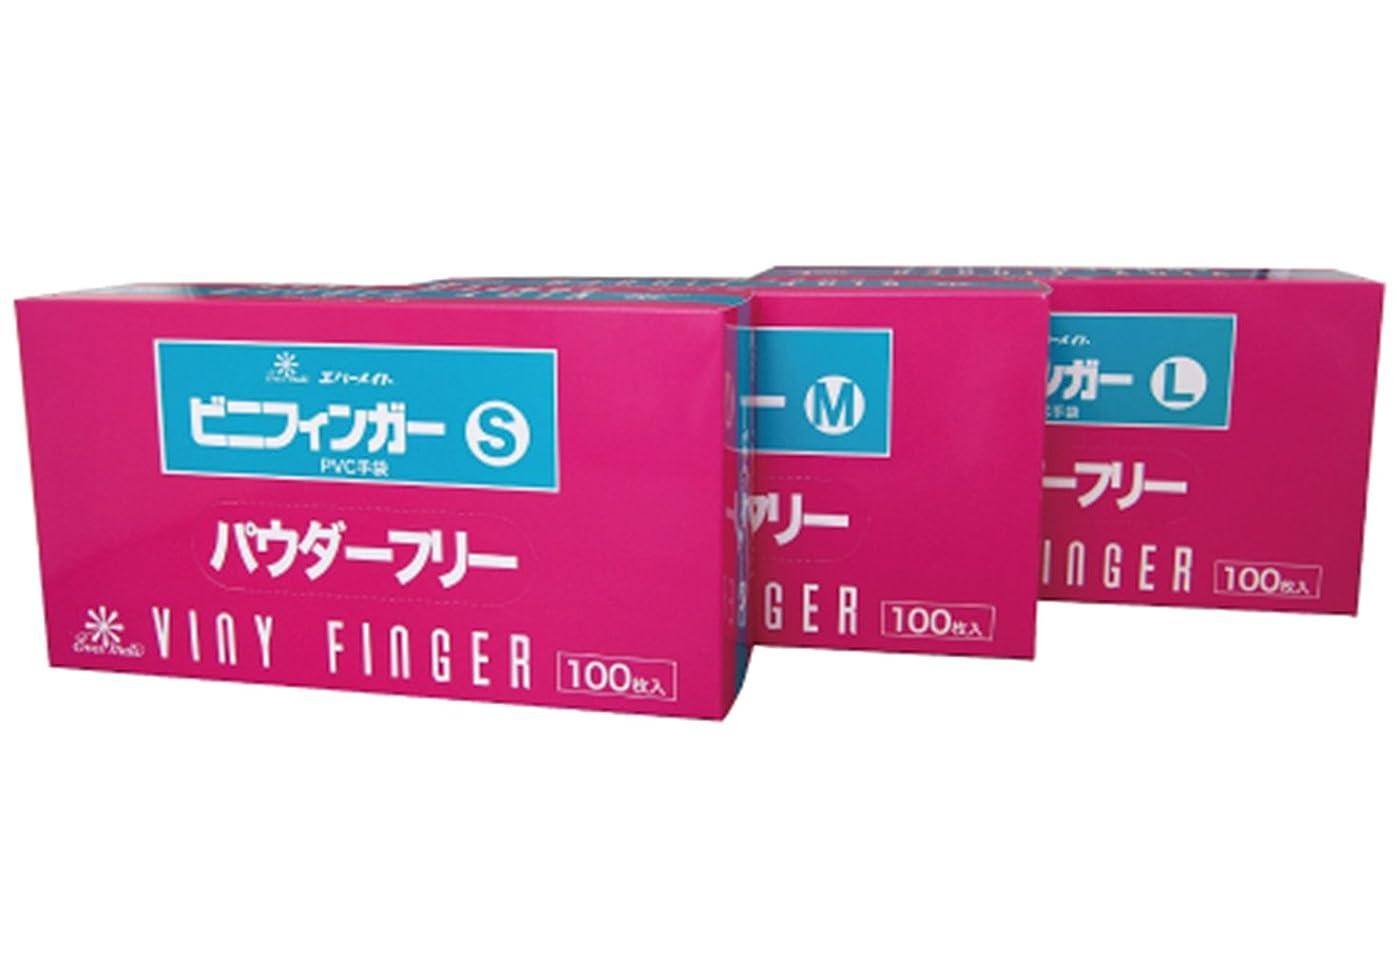 アスリート勇気家具エバーメイト ビニフィンガーグローブ パウダーフリー 100枚入 (S)